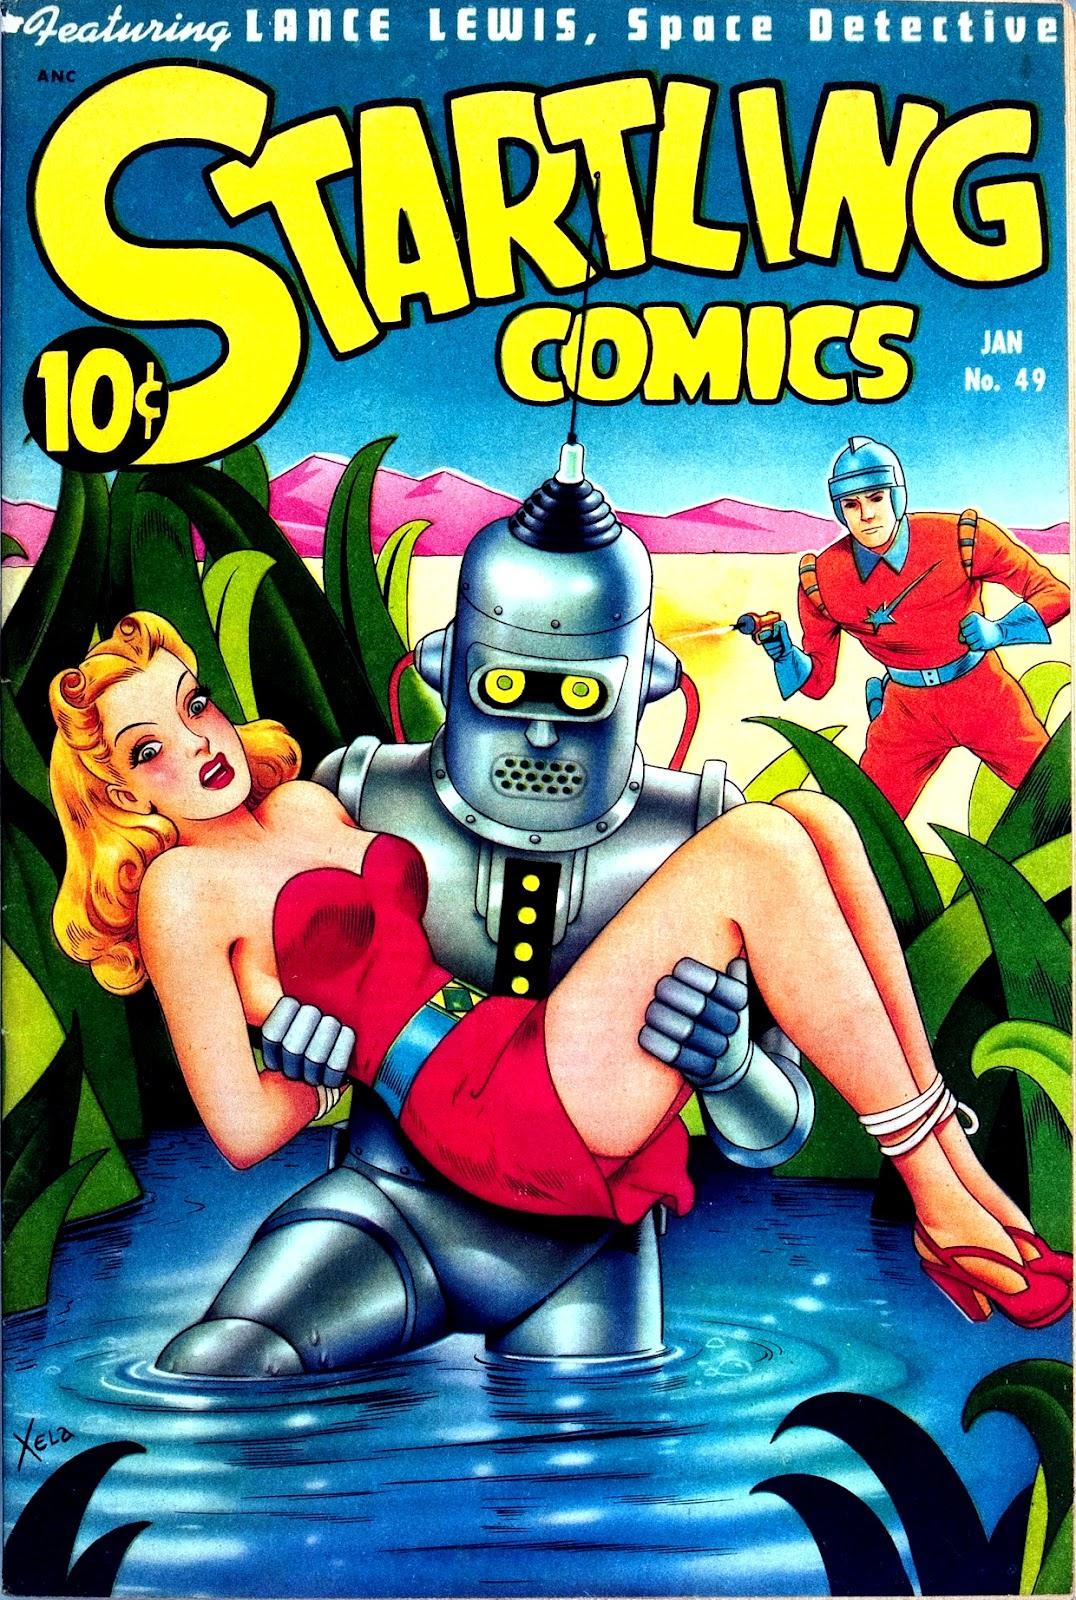 Startling Comics 49 Page 1